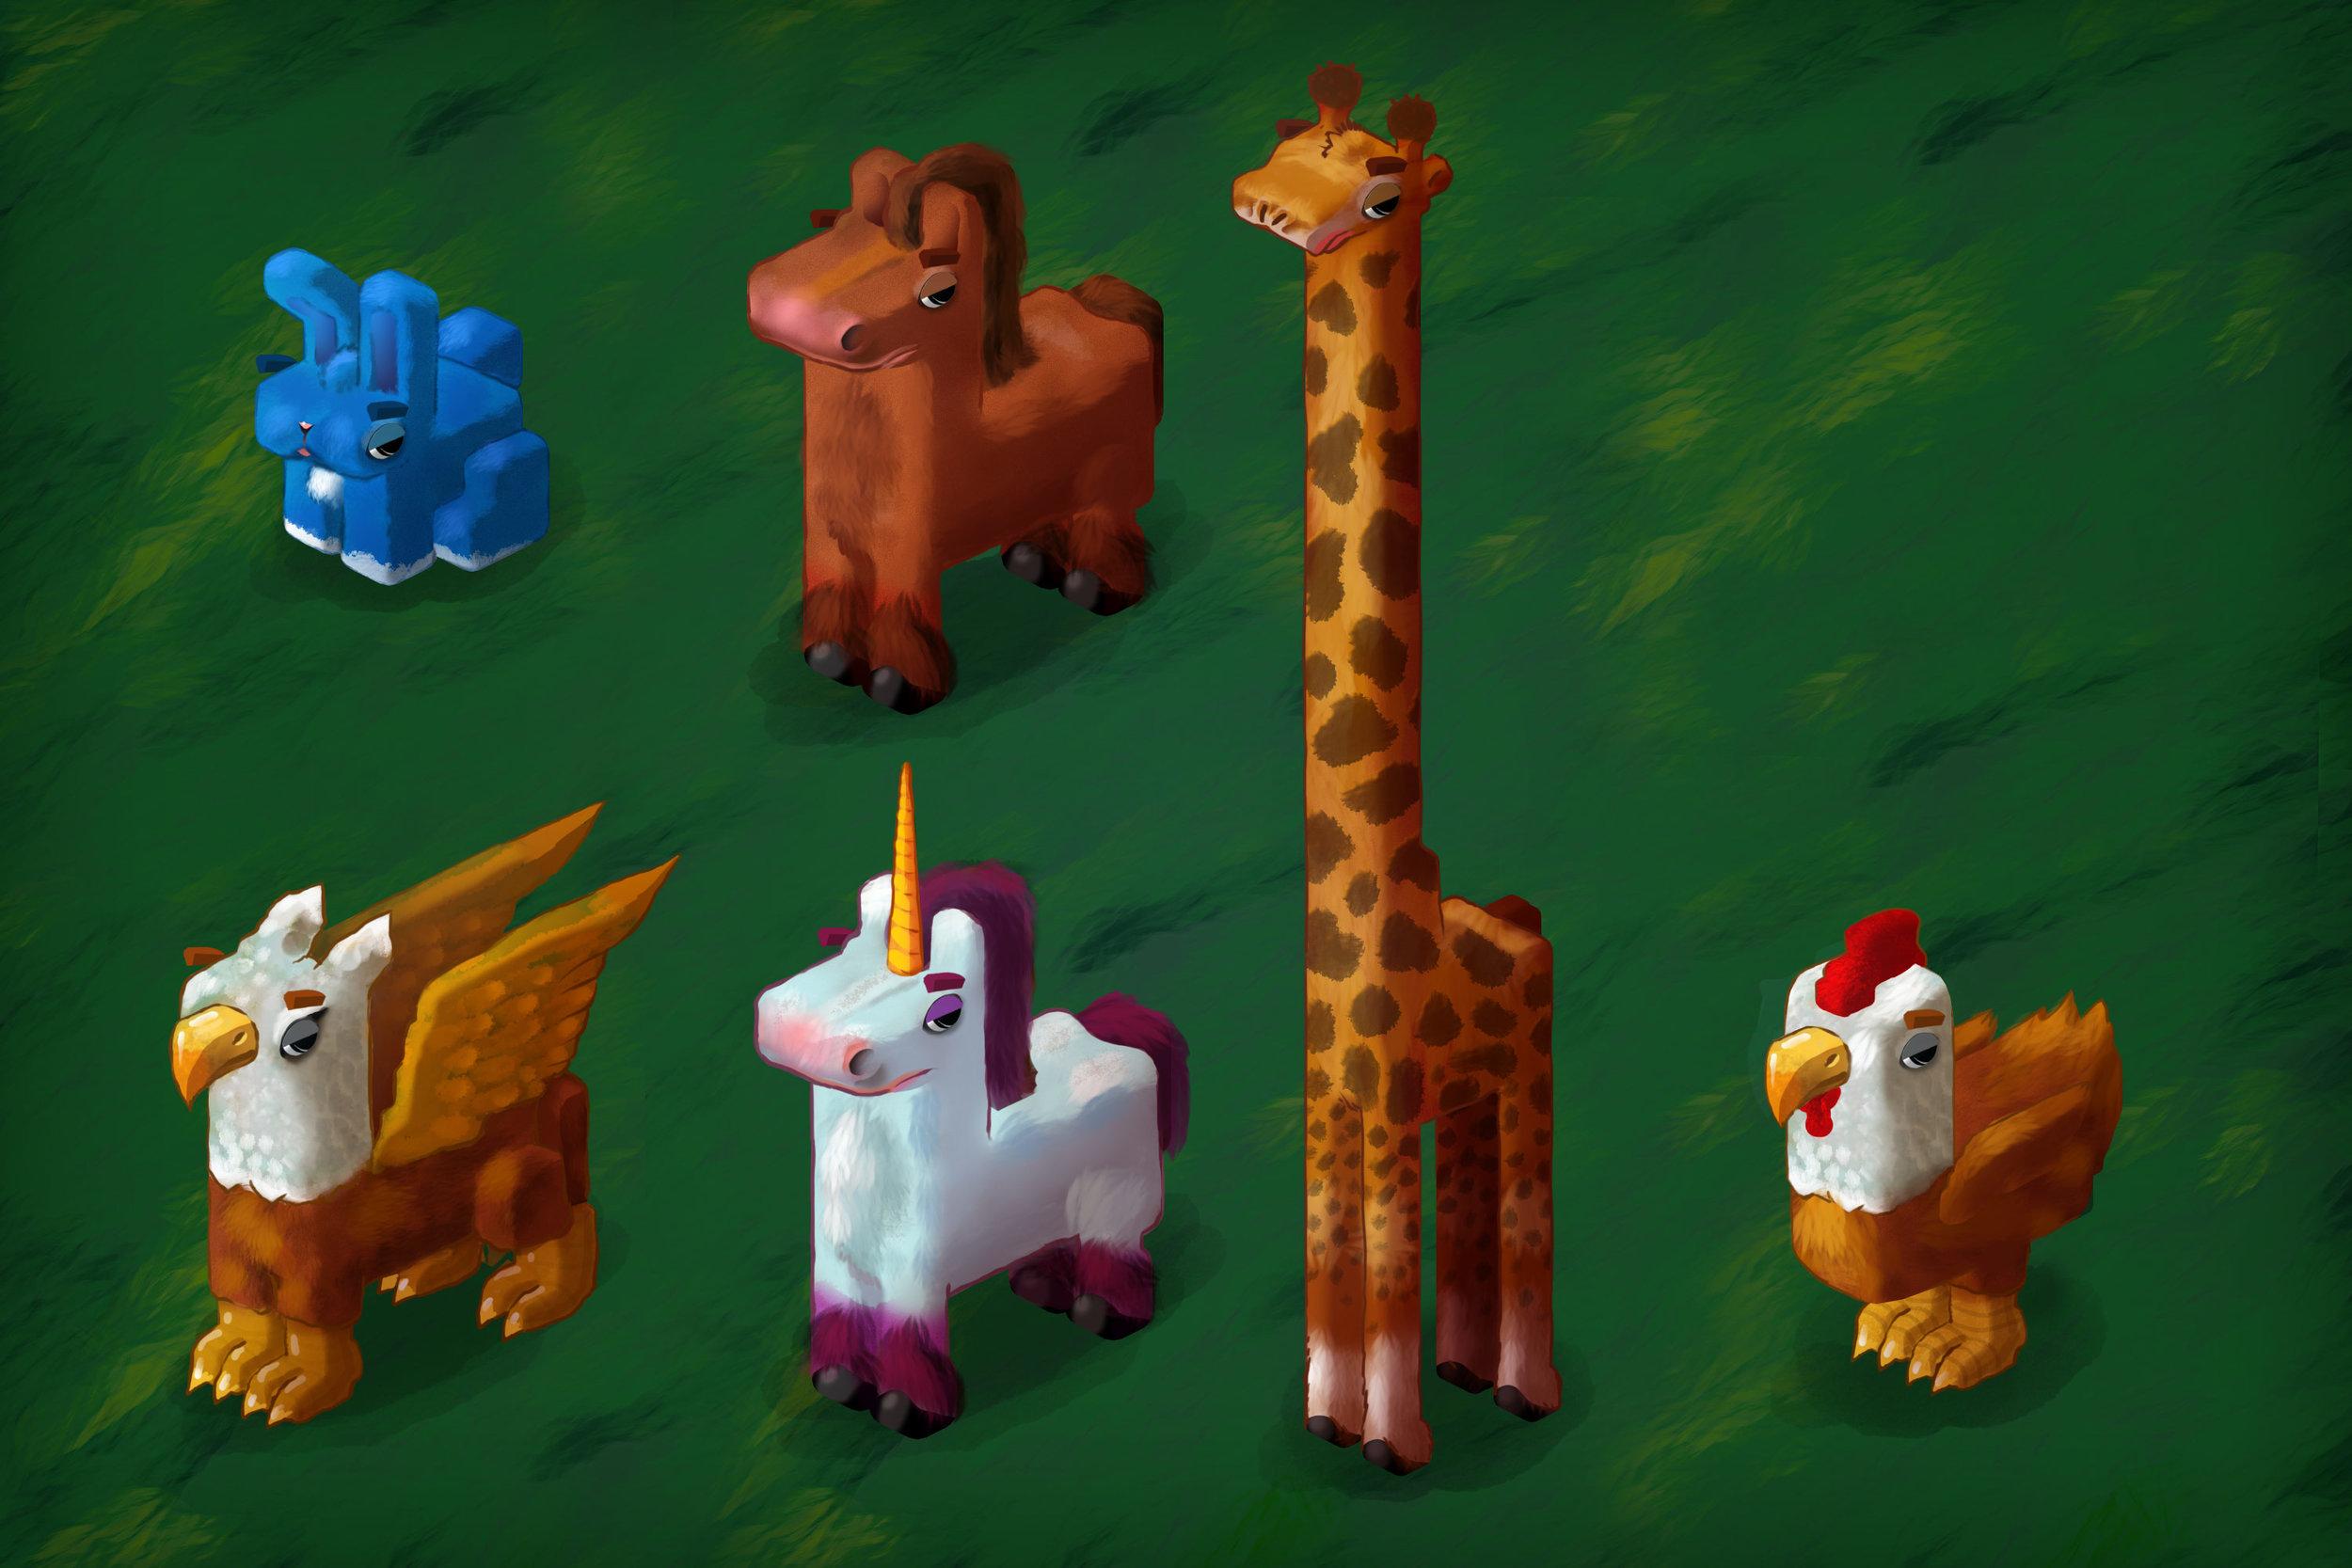 Creatures_Pixels_Expressions.jpg